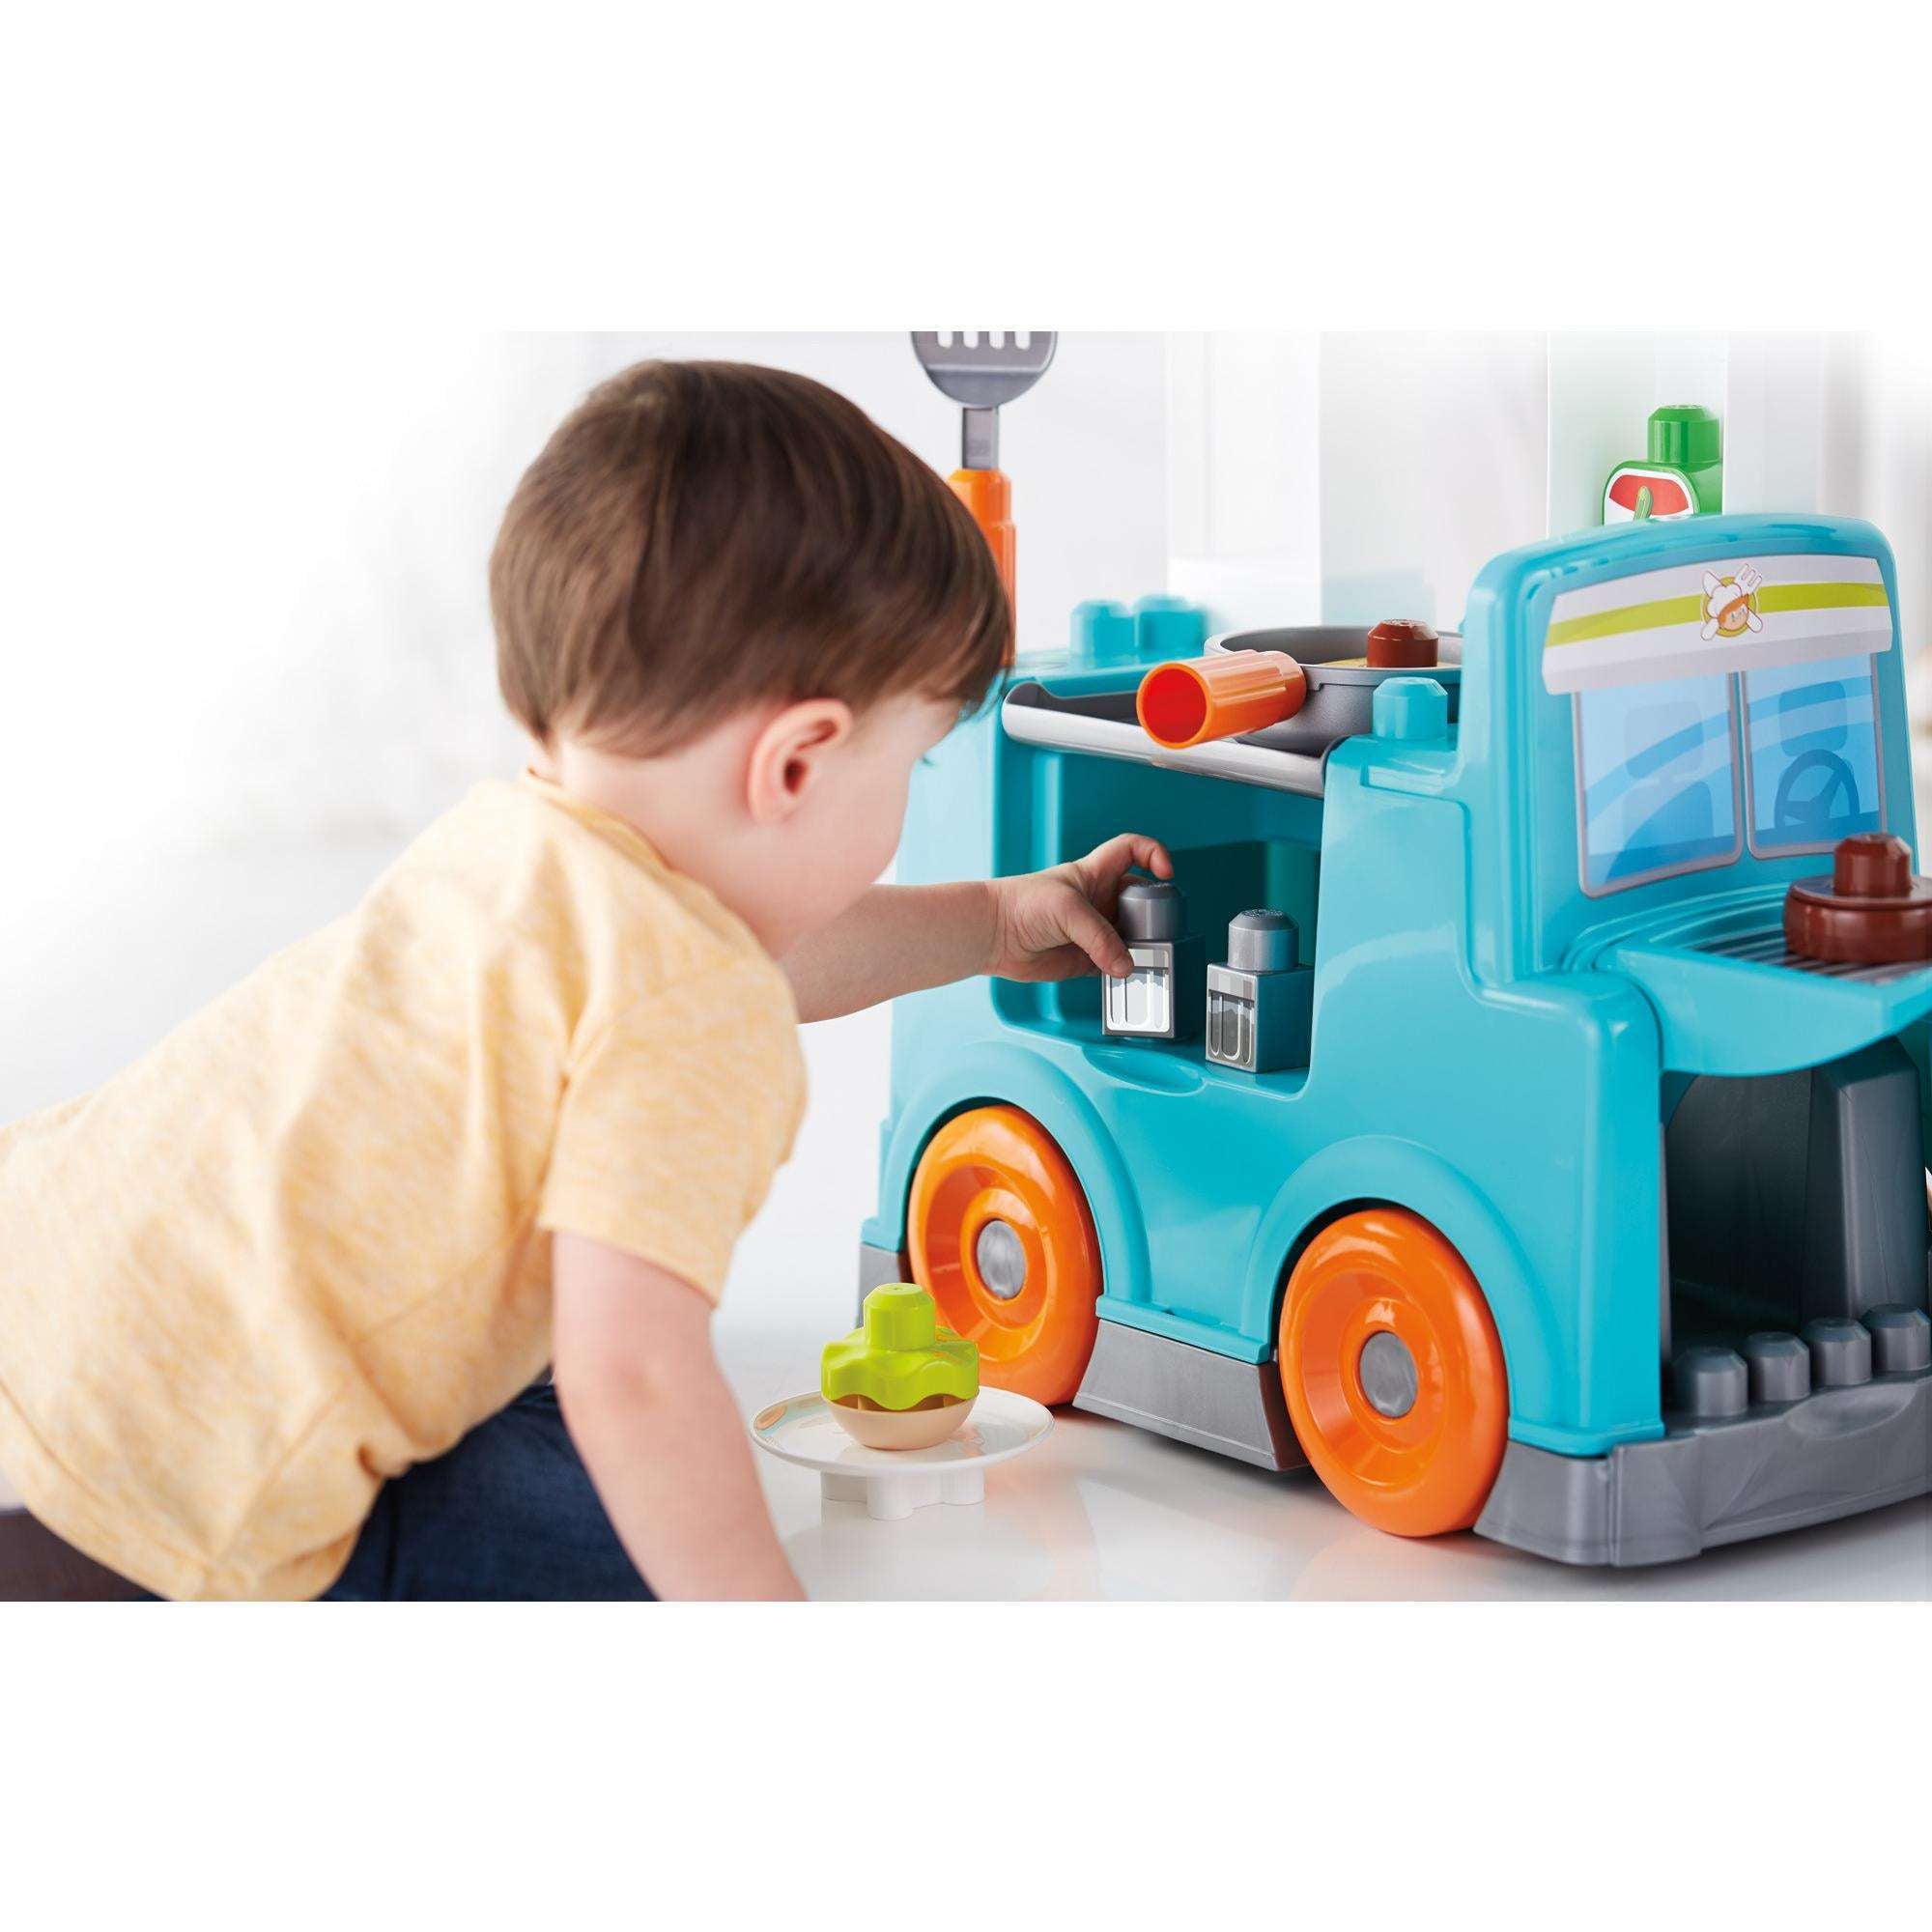 Mega Bloks Food Truck Kitchen - Walmart.com